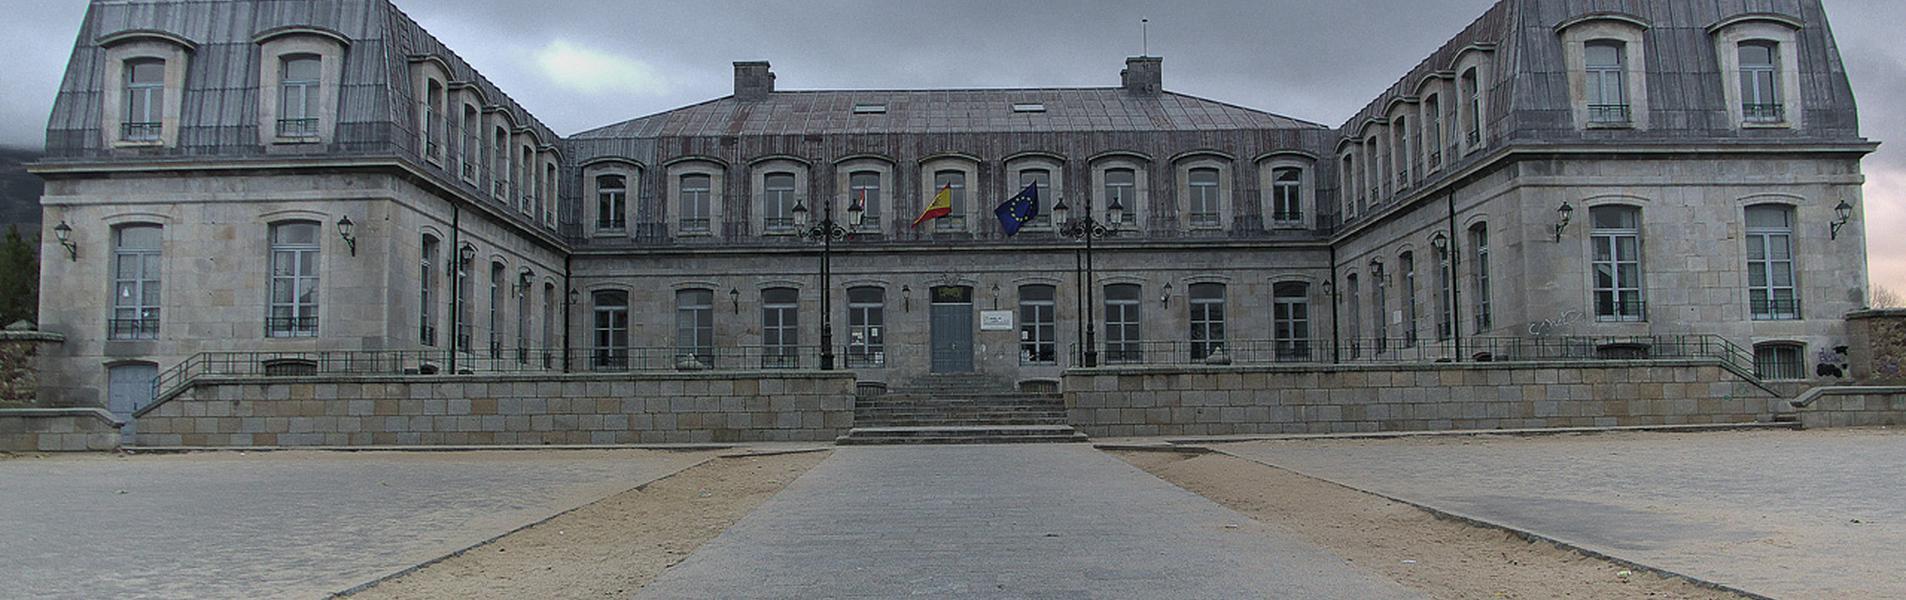 Palacio de los duques de Alba